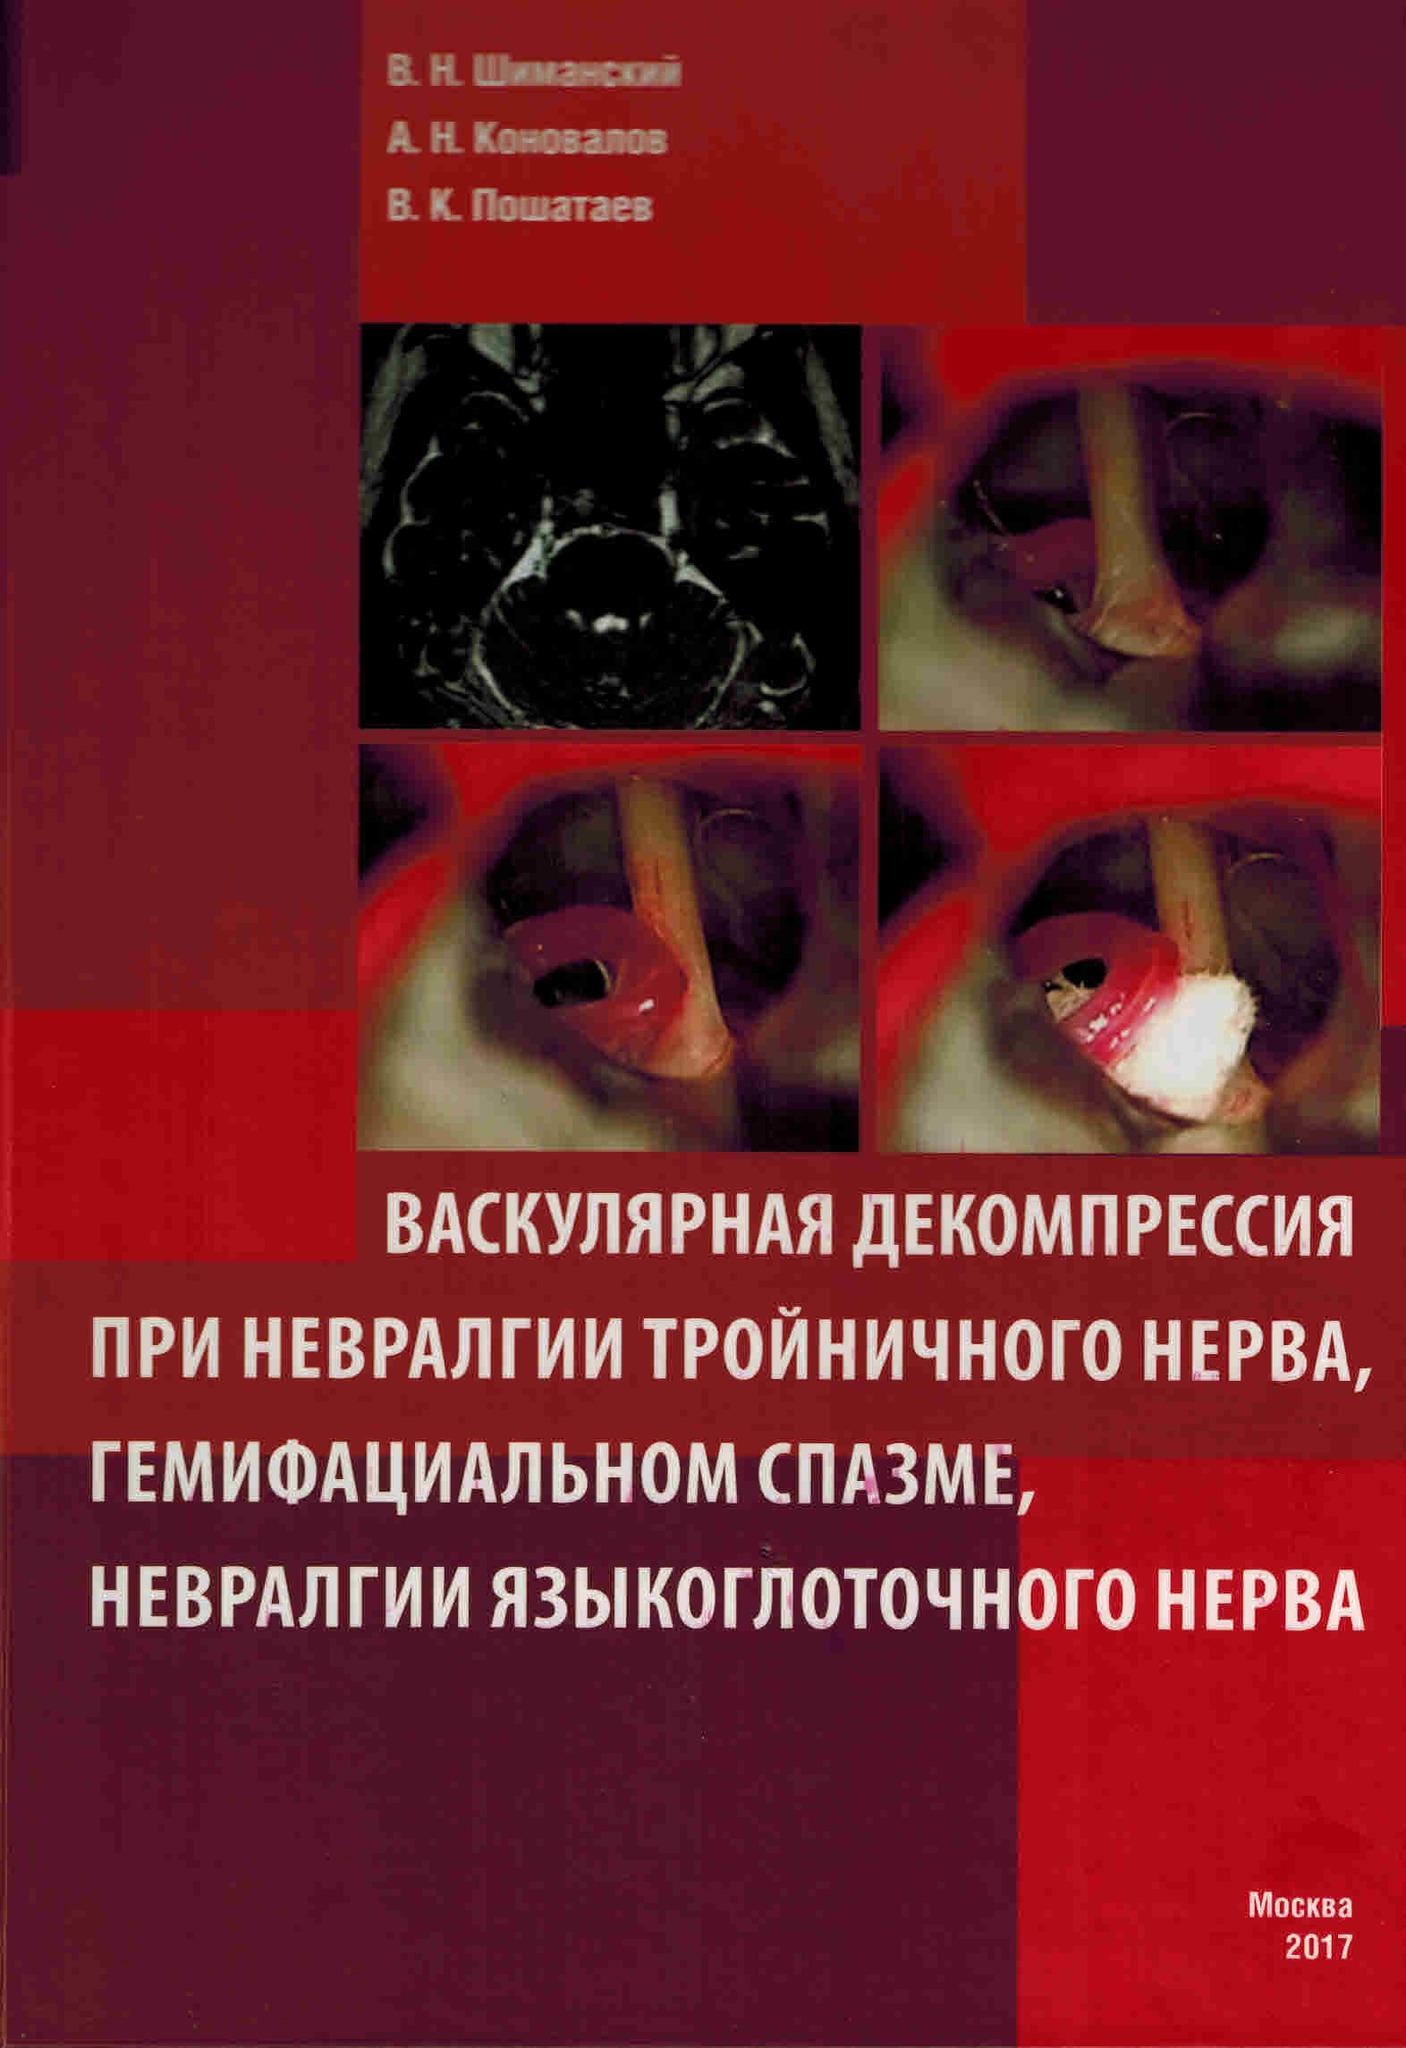 Лучшие книги по нейрохирургии Васкулярная декомпрессия при невралгии тройничного нерва, гемифациальном спазме, невралгии языкоглоточного нерва vask_dekompr_pri_nevr_tr_nerva__gem_sp__nevr_yaz_nerva.jpg